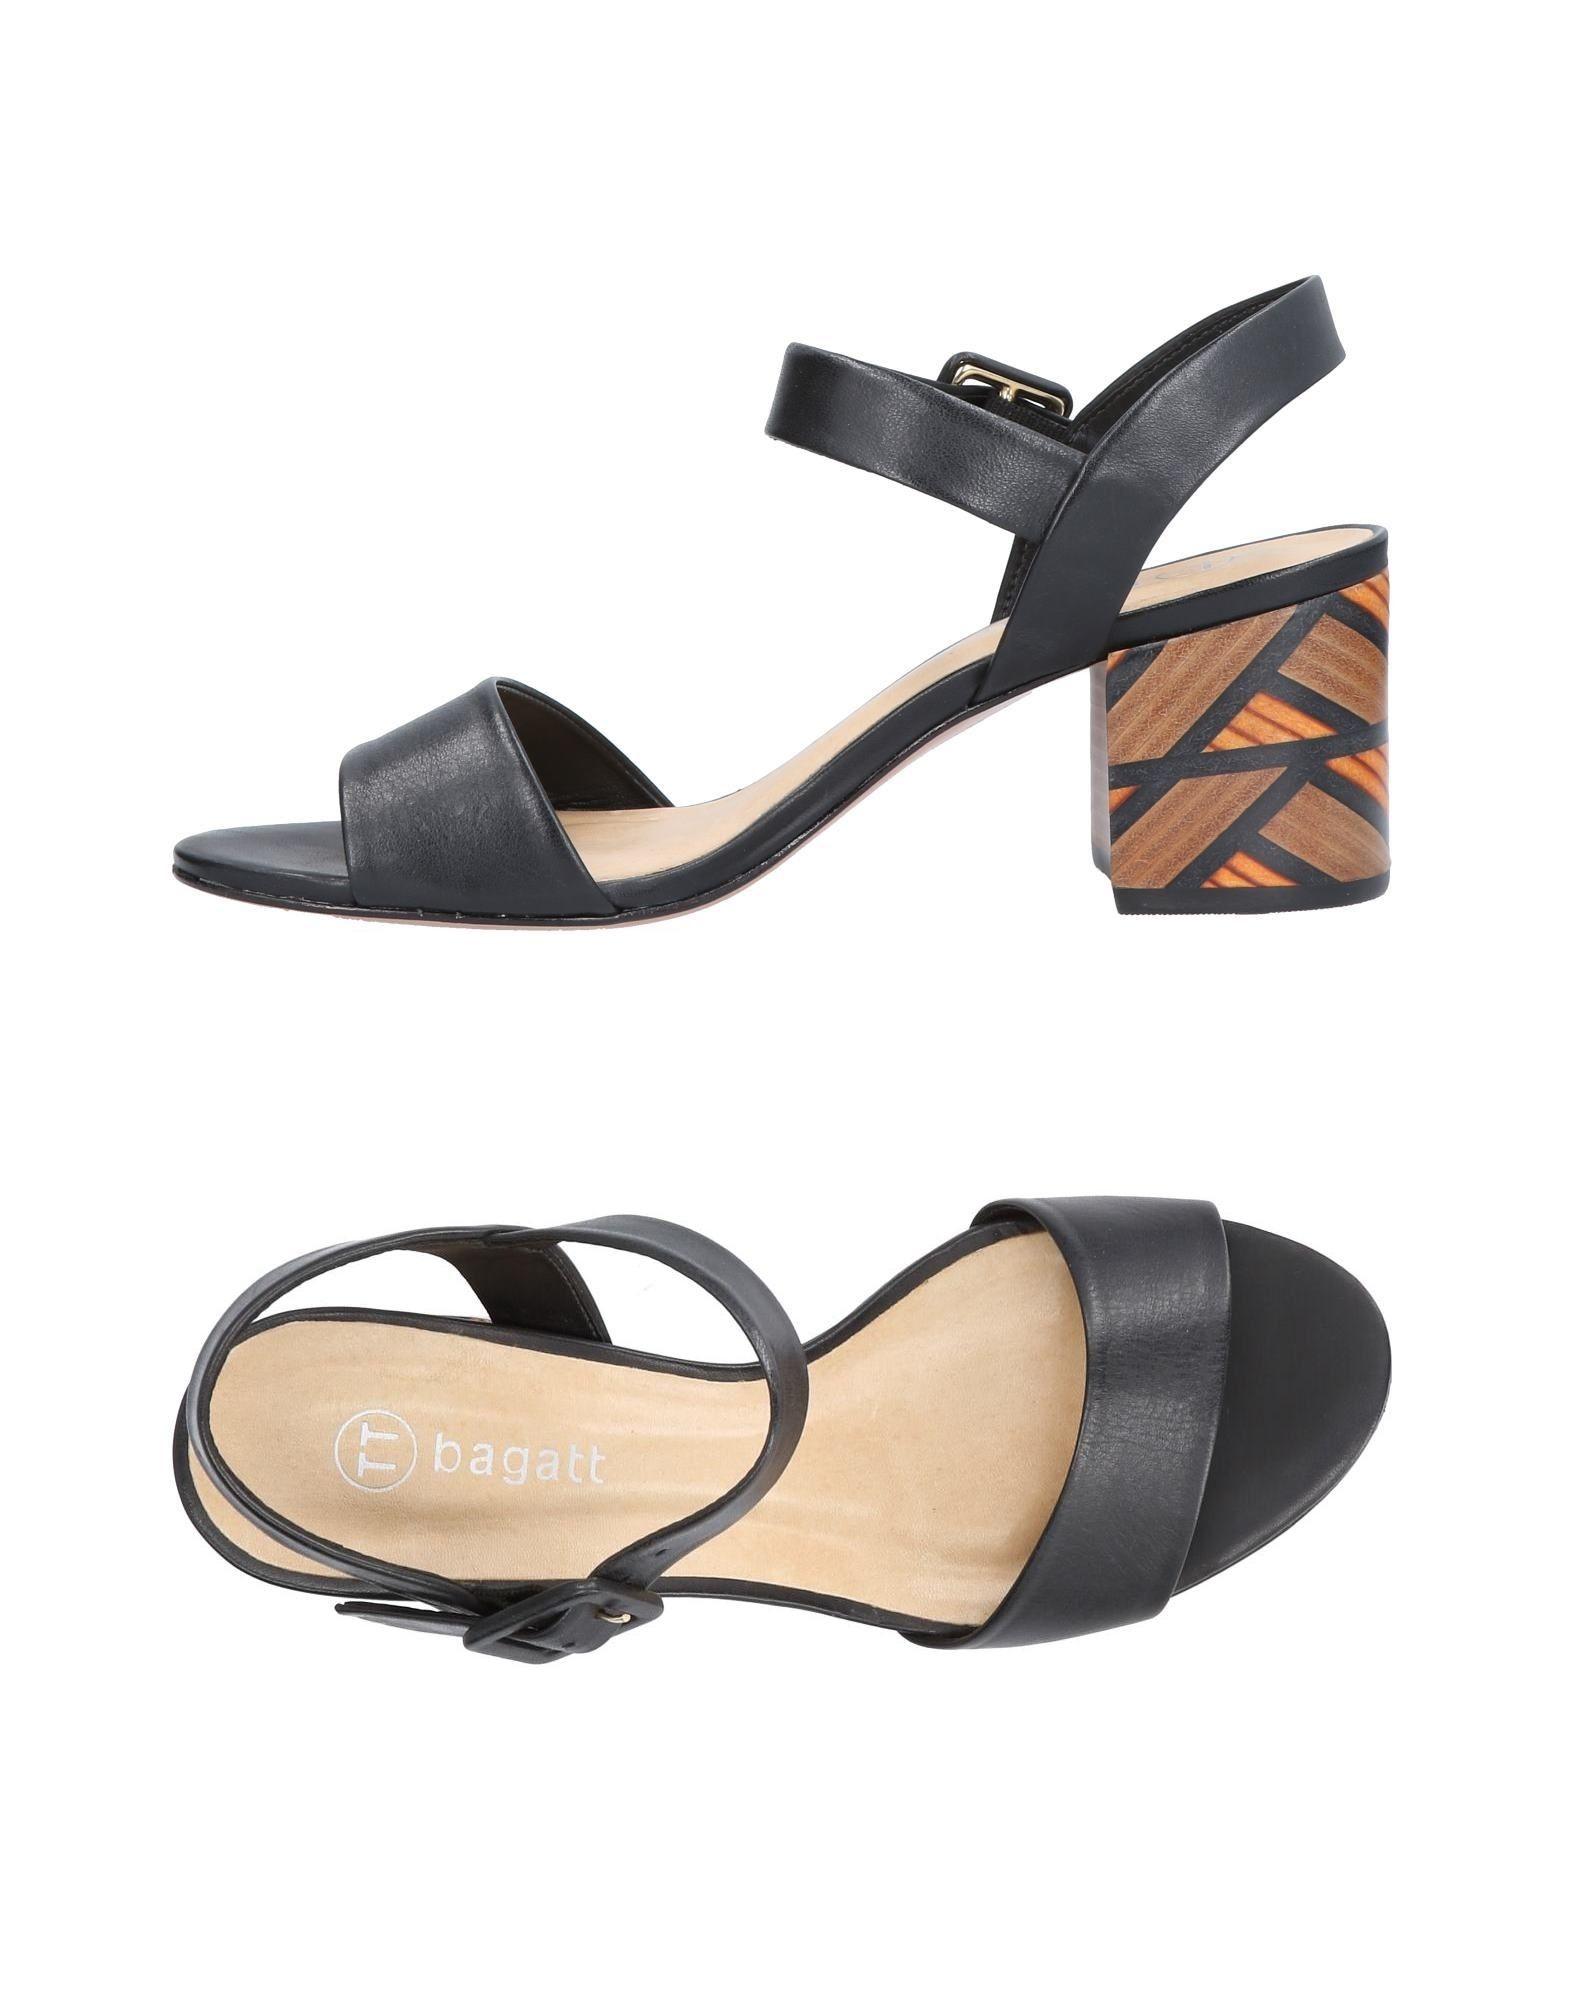 Bagatt Sandalen Damen  11429420JU Gute Qualität beliebte Schuhe